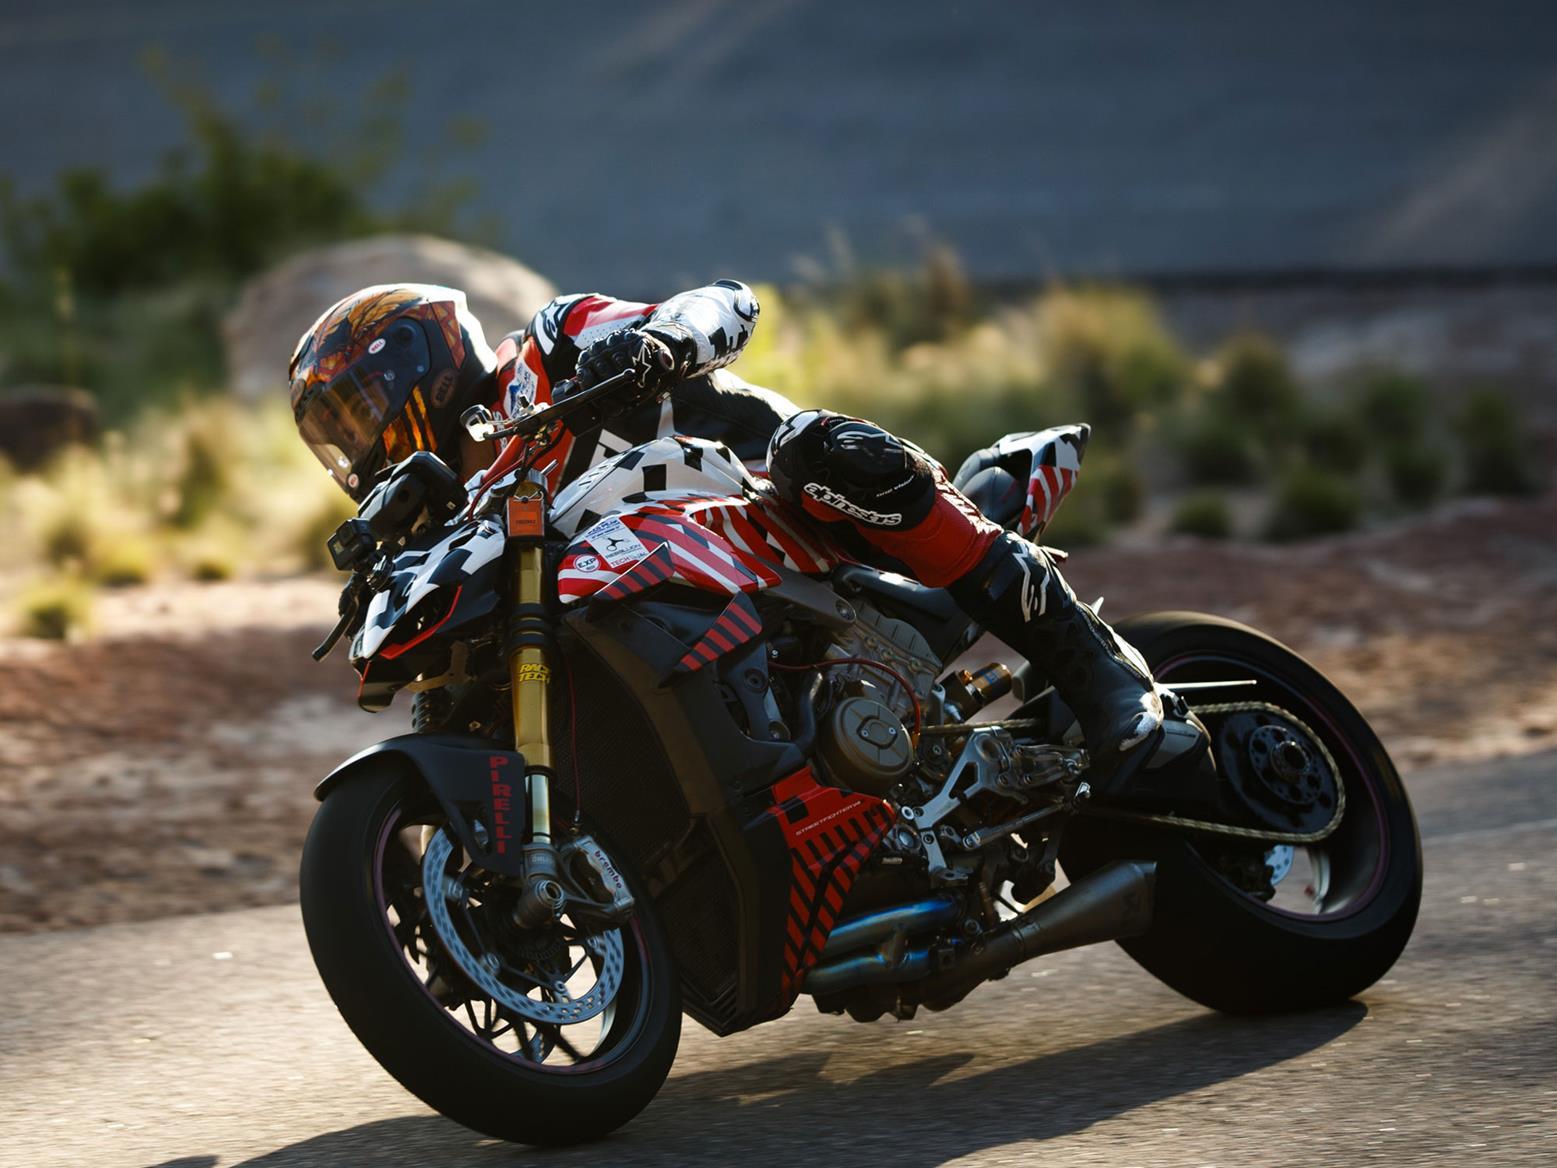 Ducati Streetfighter V4 teaser released